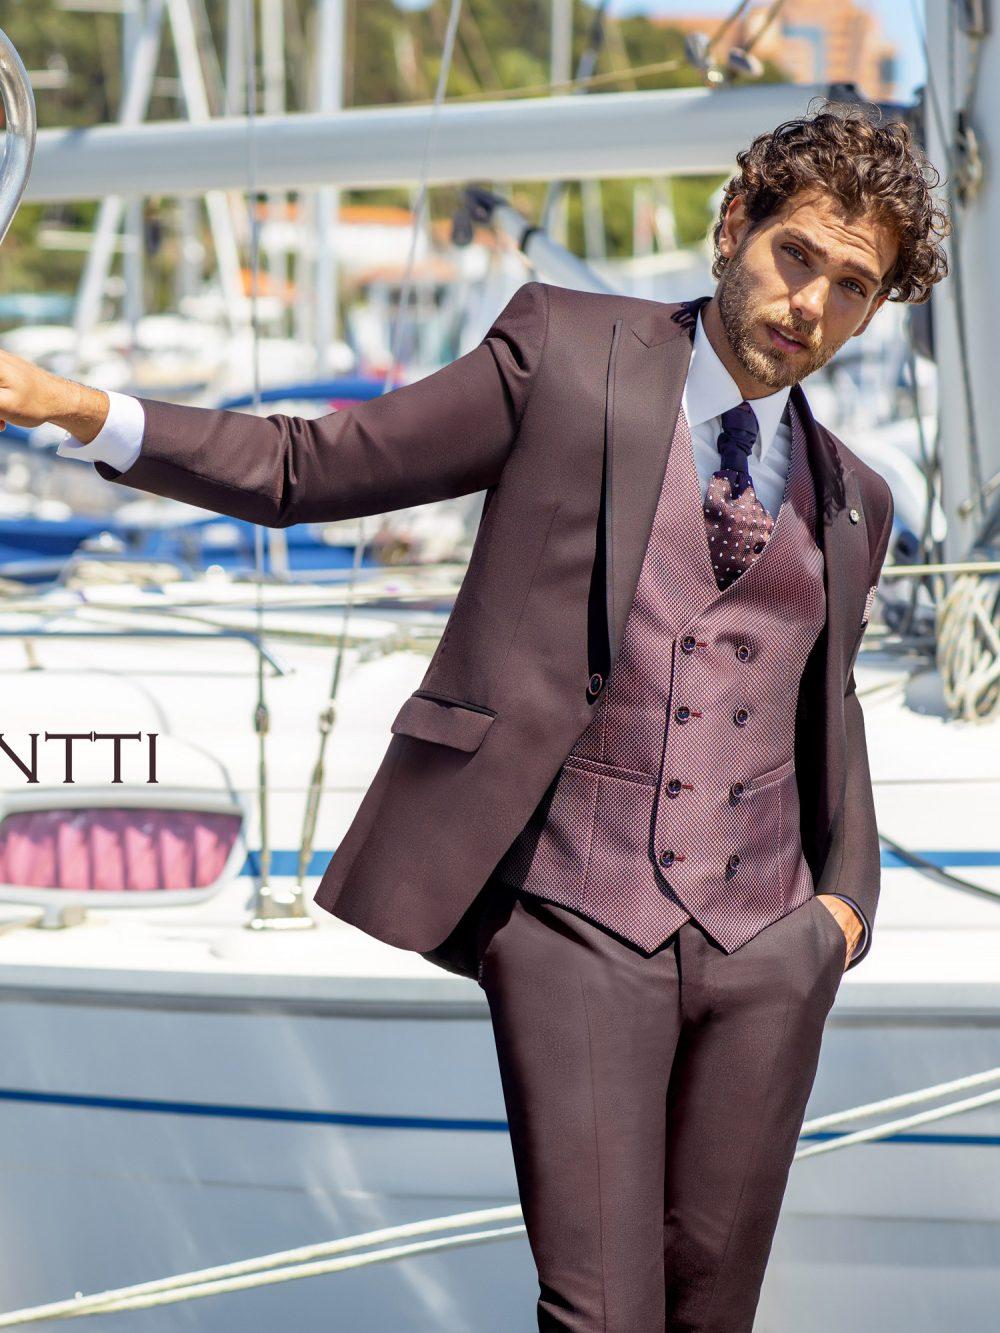 Abito vestito da sposo Roberto Vicentti 2021 a Vicenza ETERNAL_27-21-500